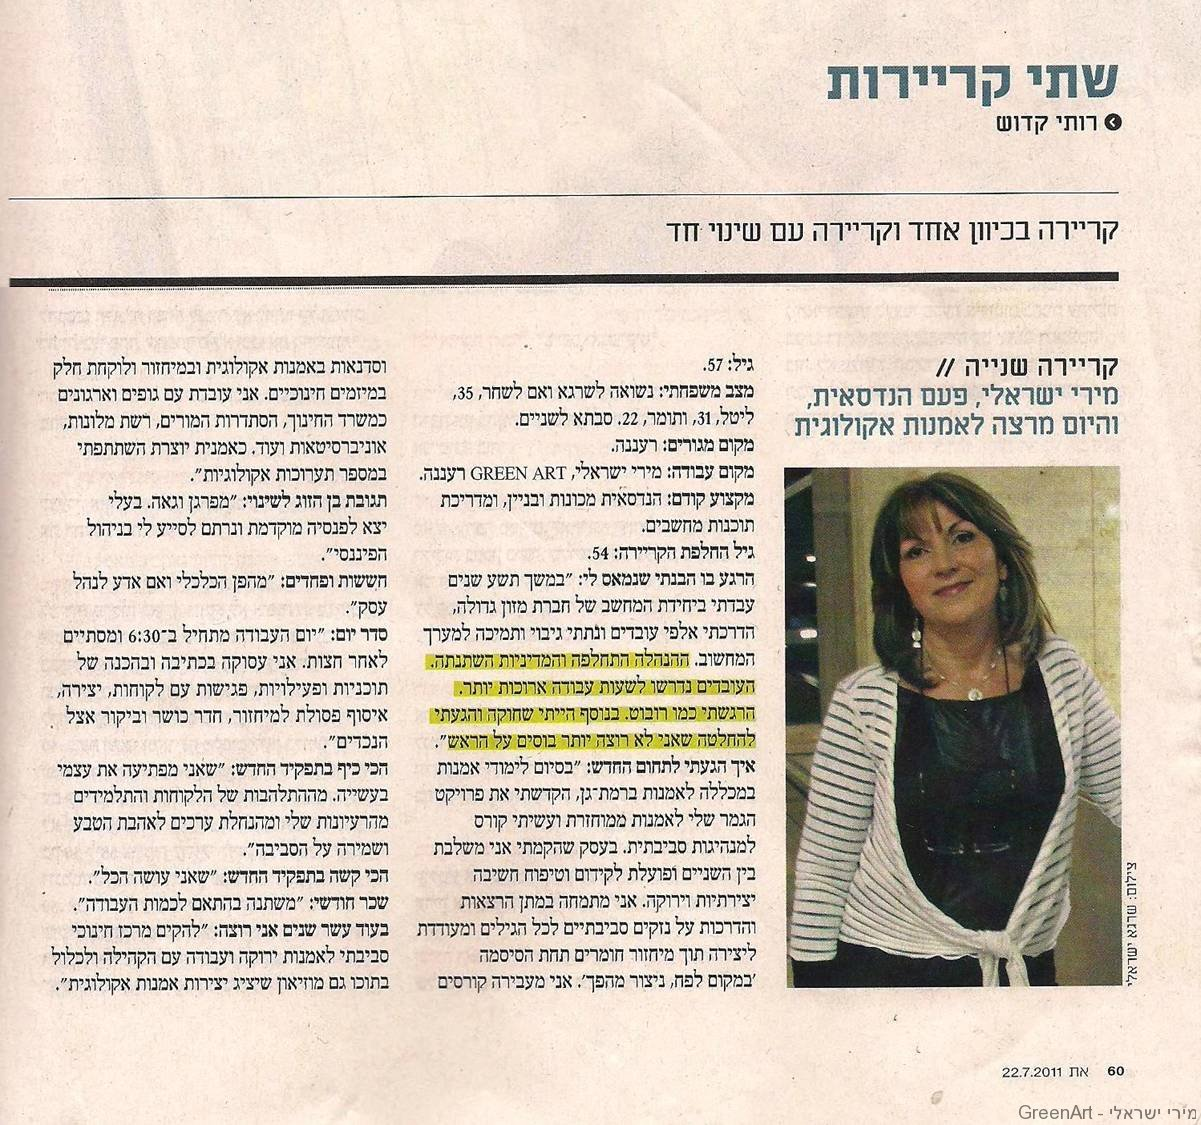 כתבה במגזין את בשינוי בקריירה שלי